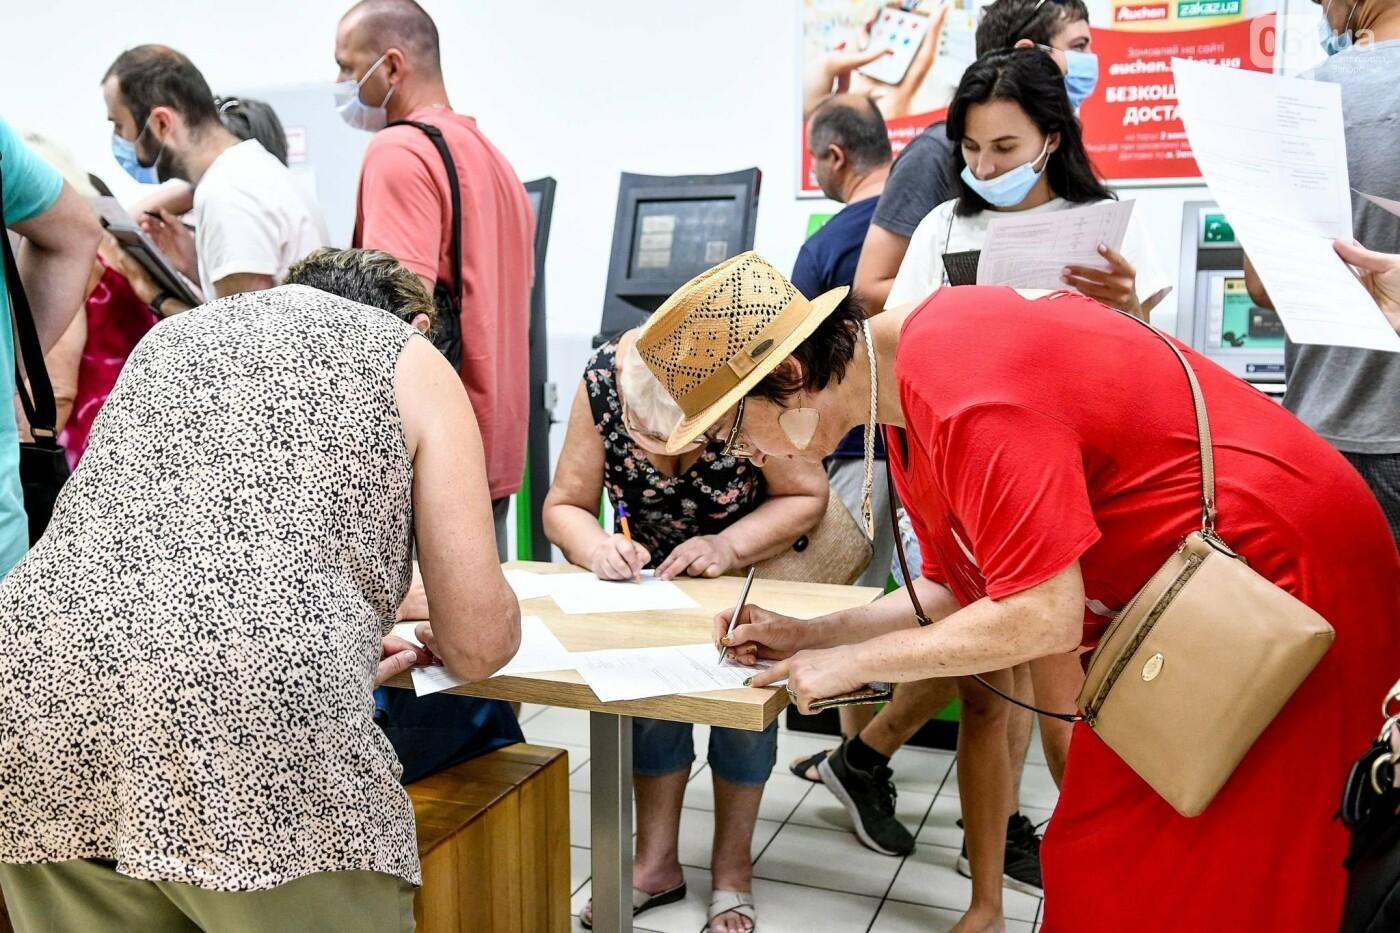 """В Запорожье в """"CITY MALL"""" открылся центр вакцинации: прививают Pfizer, сотни людей стоят в очереди, - ФОТОРЕПОРТАЖ , фото-4"""